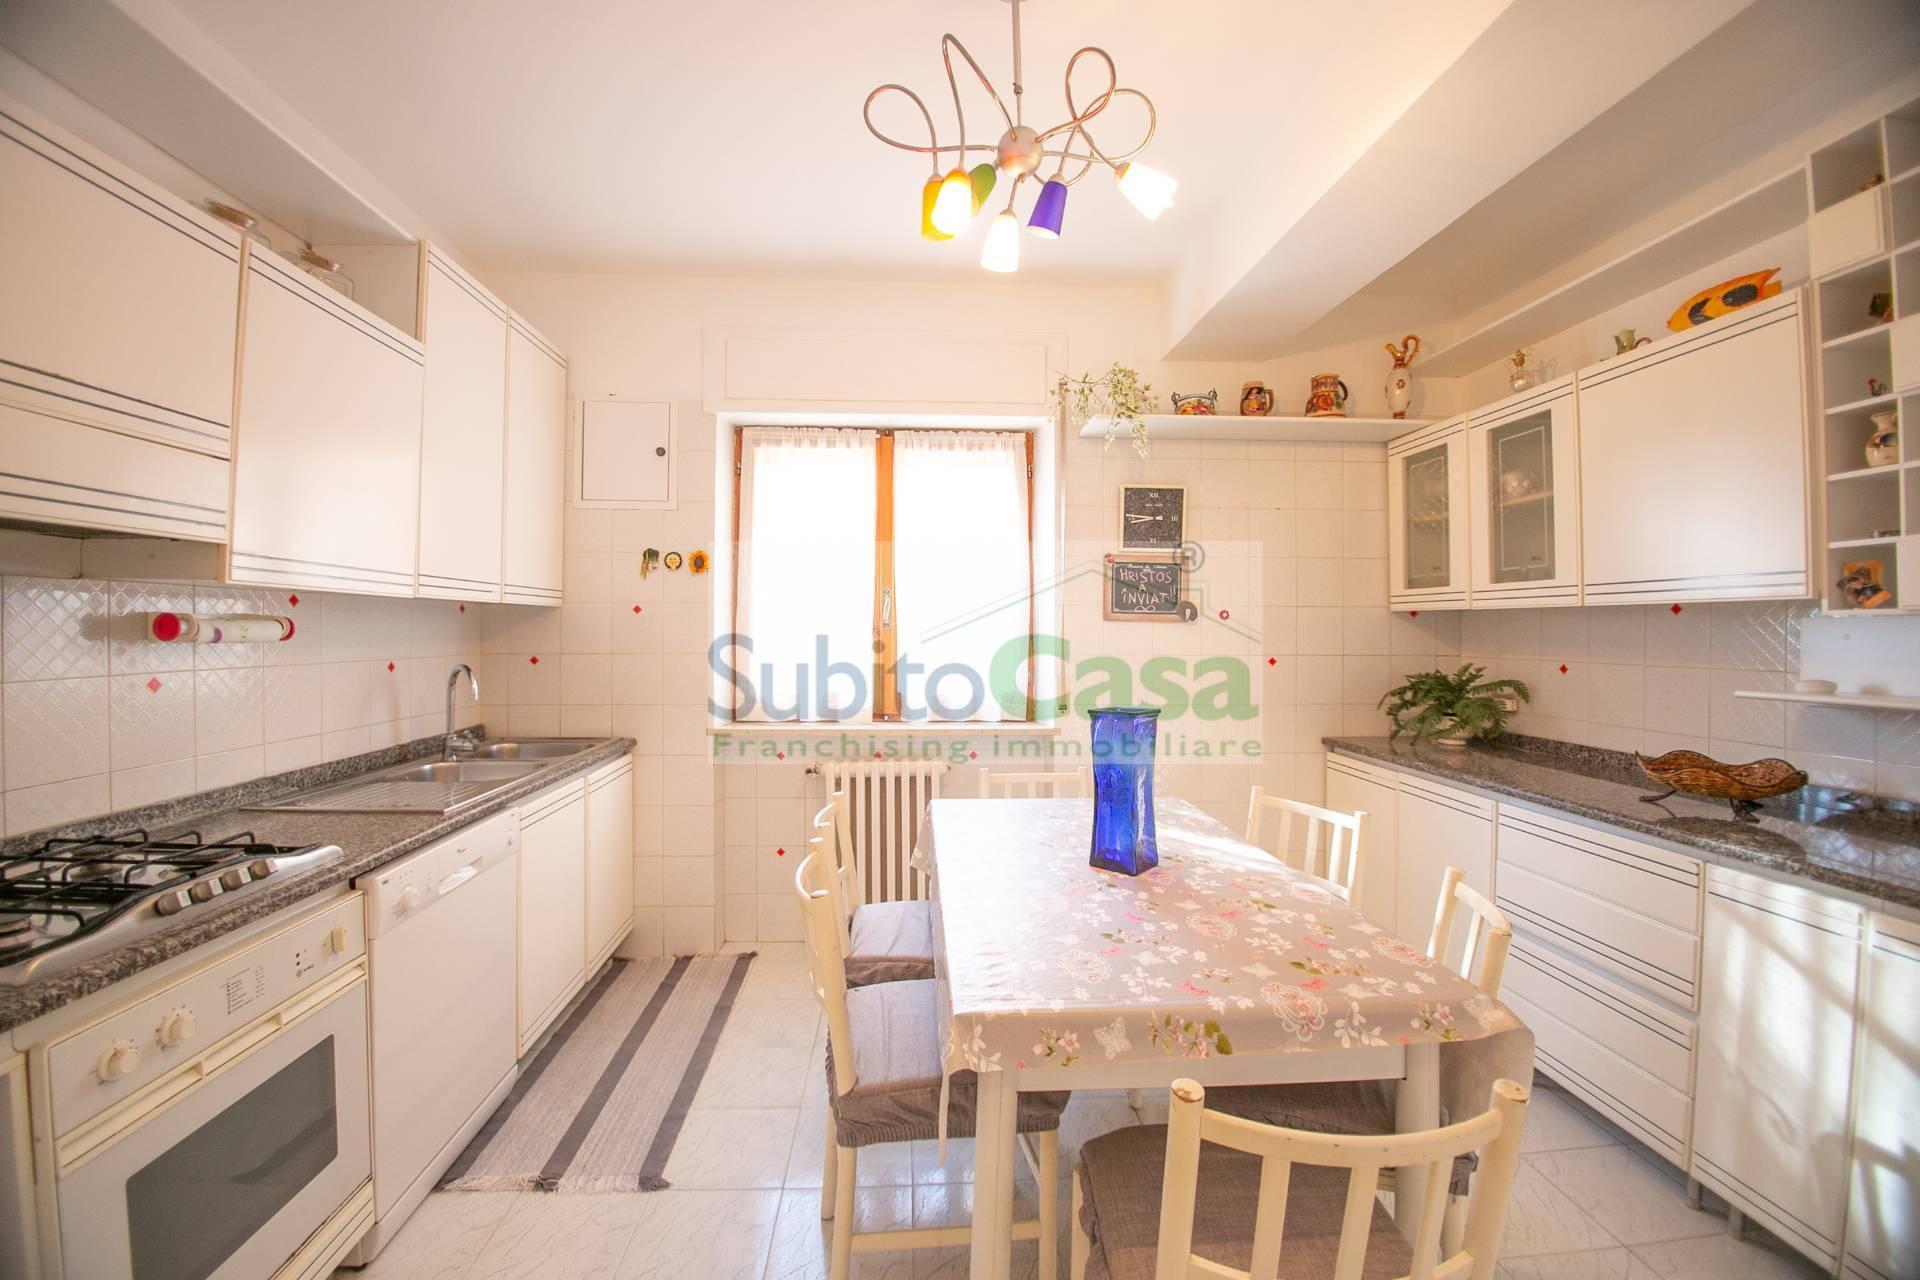 Appartamento in vendita a Chieti, 7 locali, zona Località: ChietiZonaS.Anna, prezzo € 110.000 | PortaleAgenzieImmobiliari.it